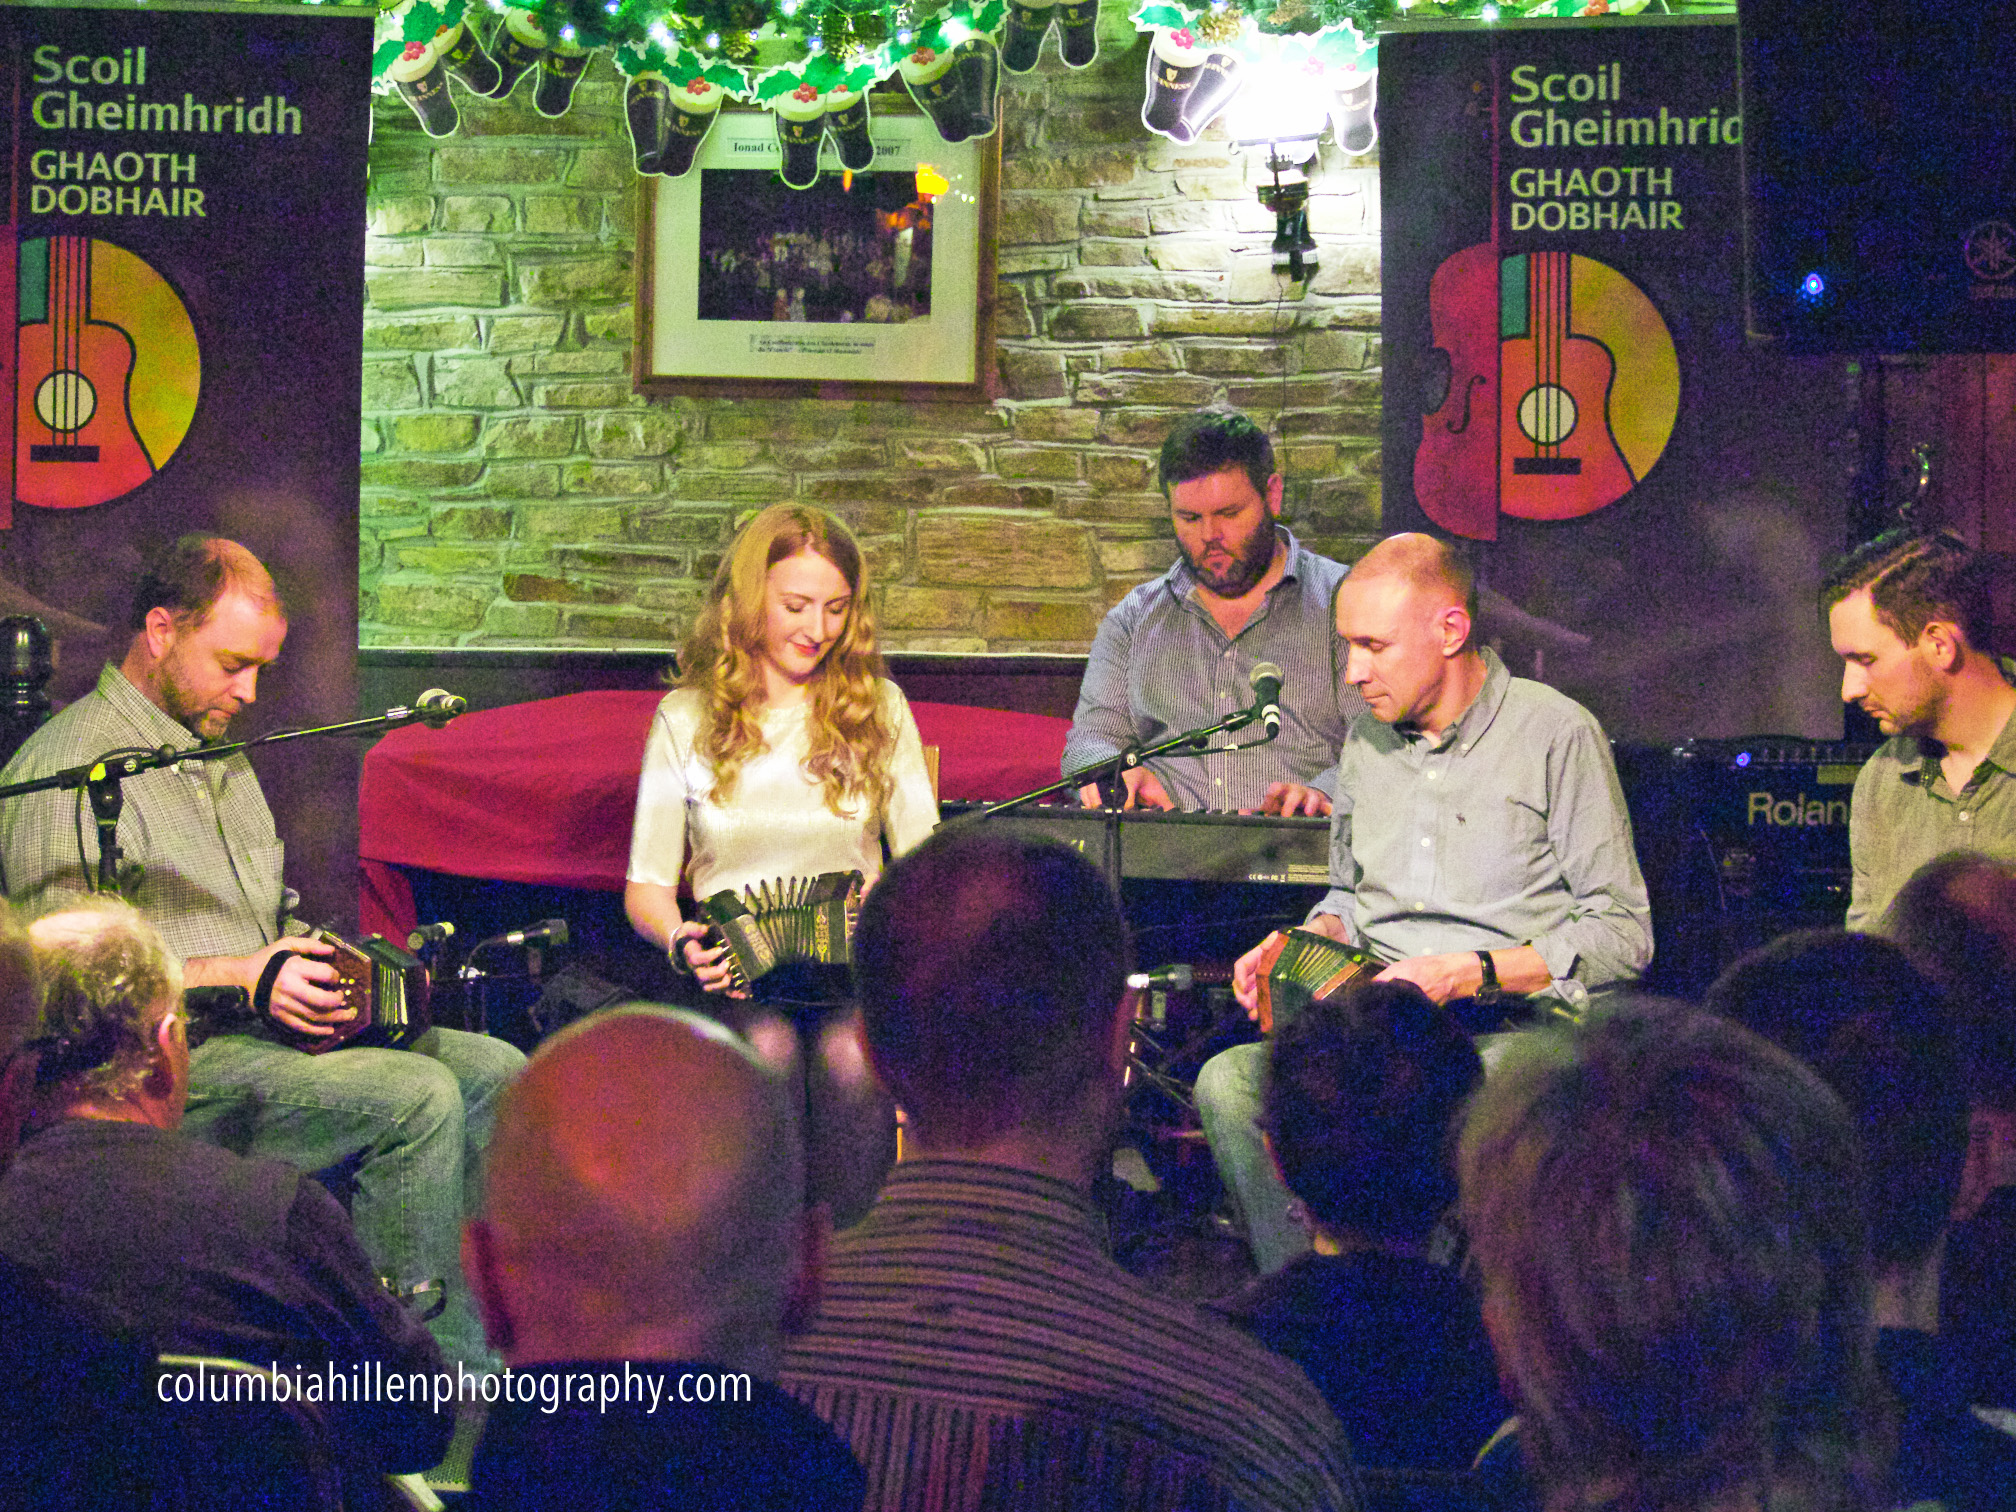 Irish Concertina Ensemble, Scoil Gheimhridh